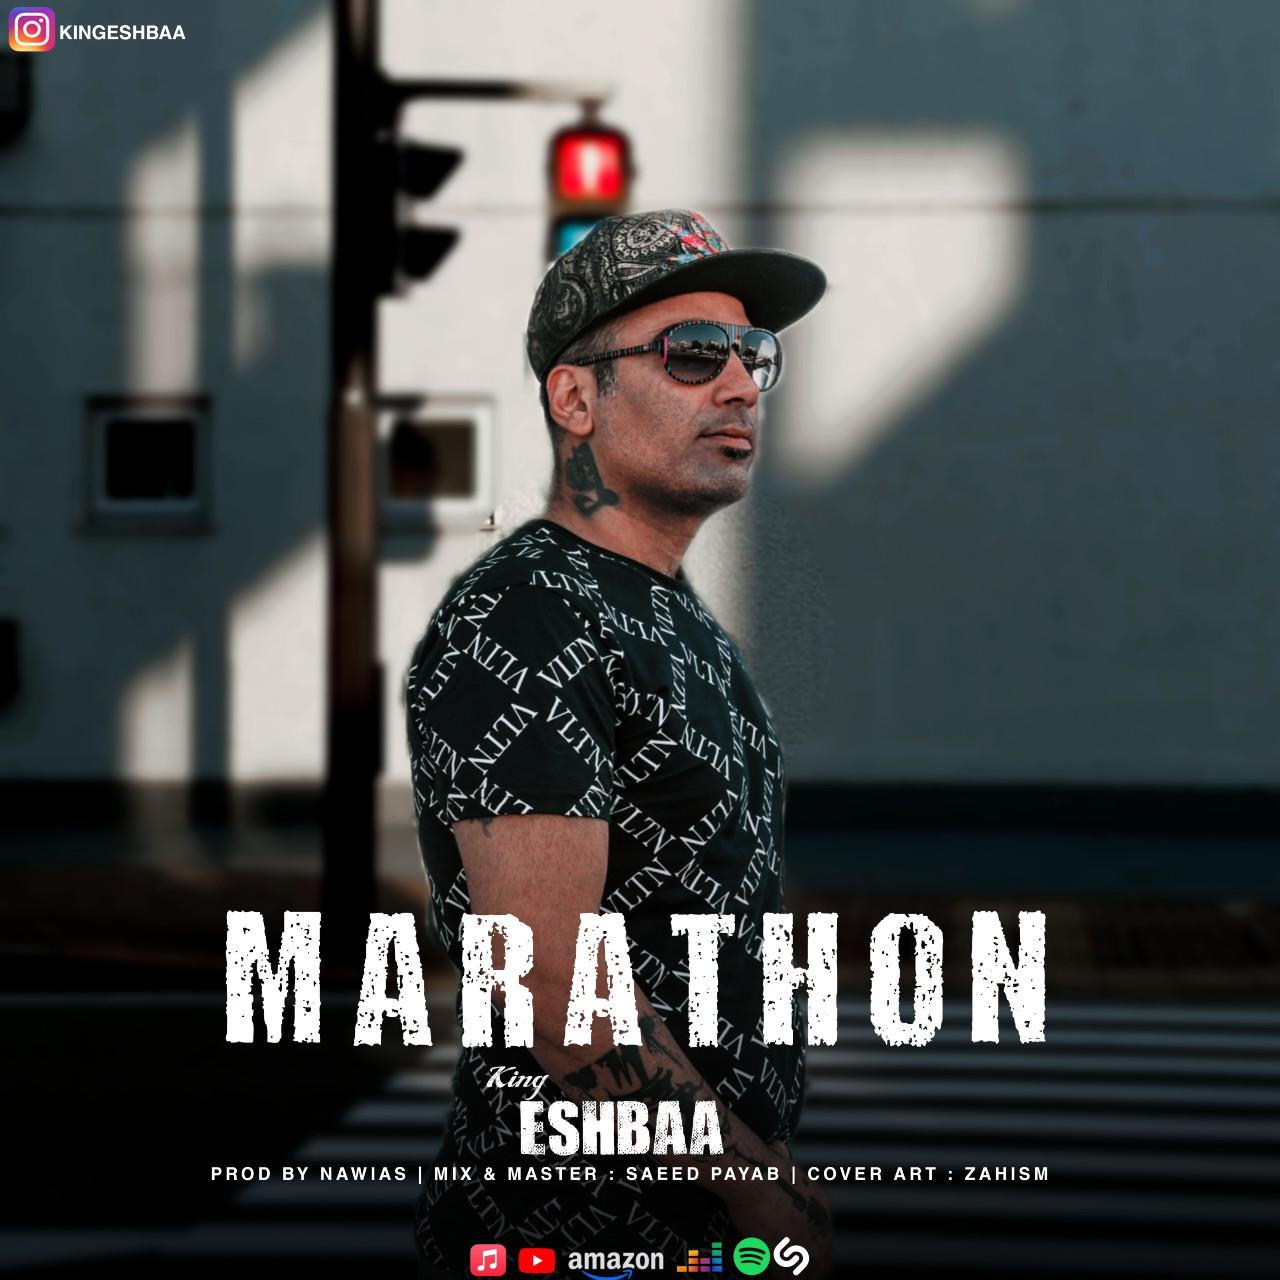 Eshbaa - Marathon